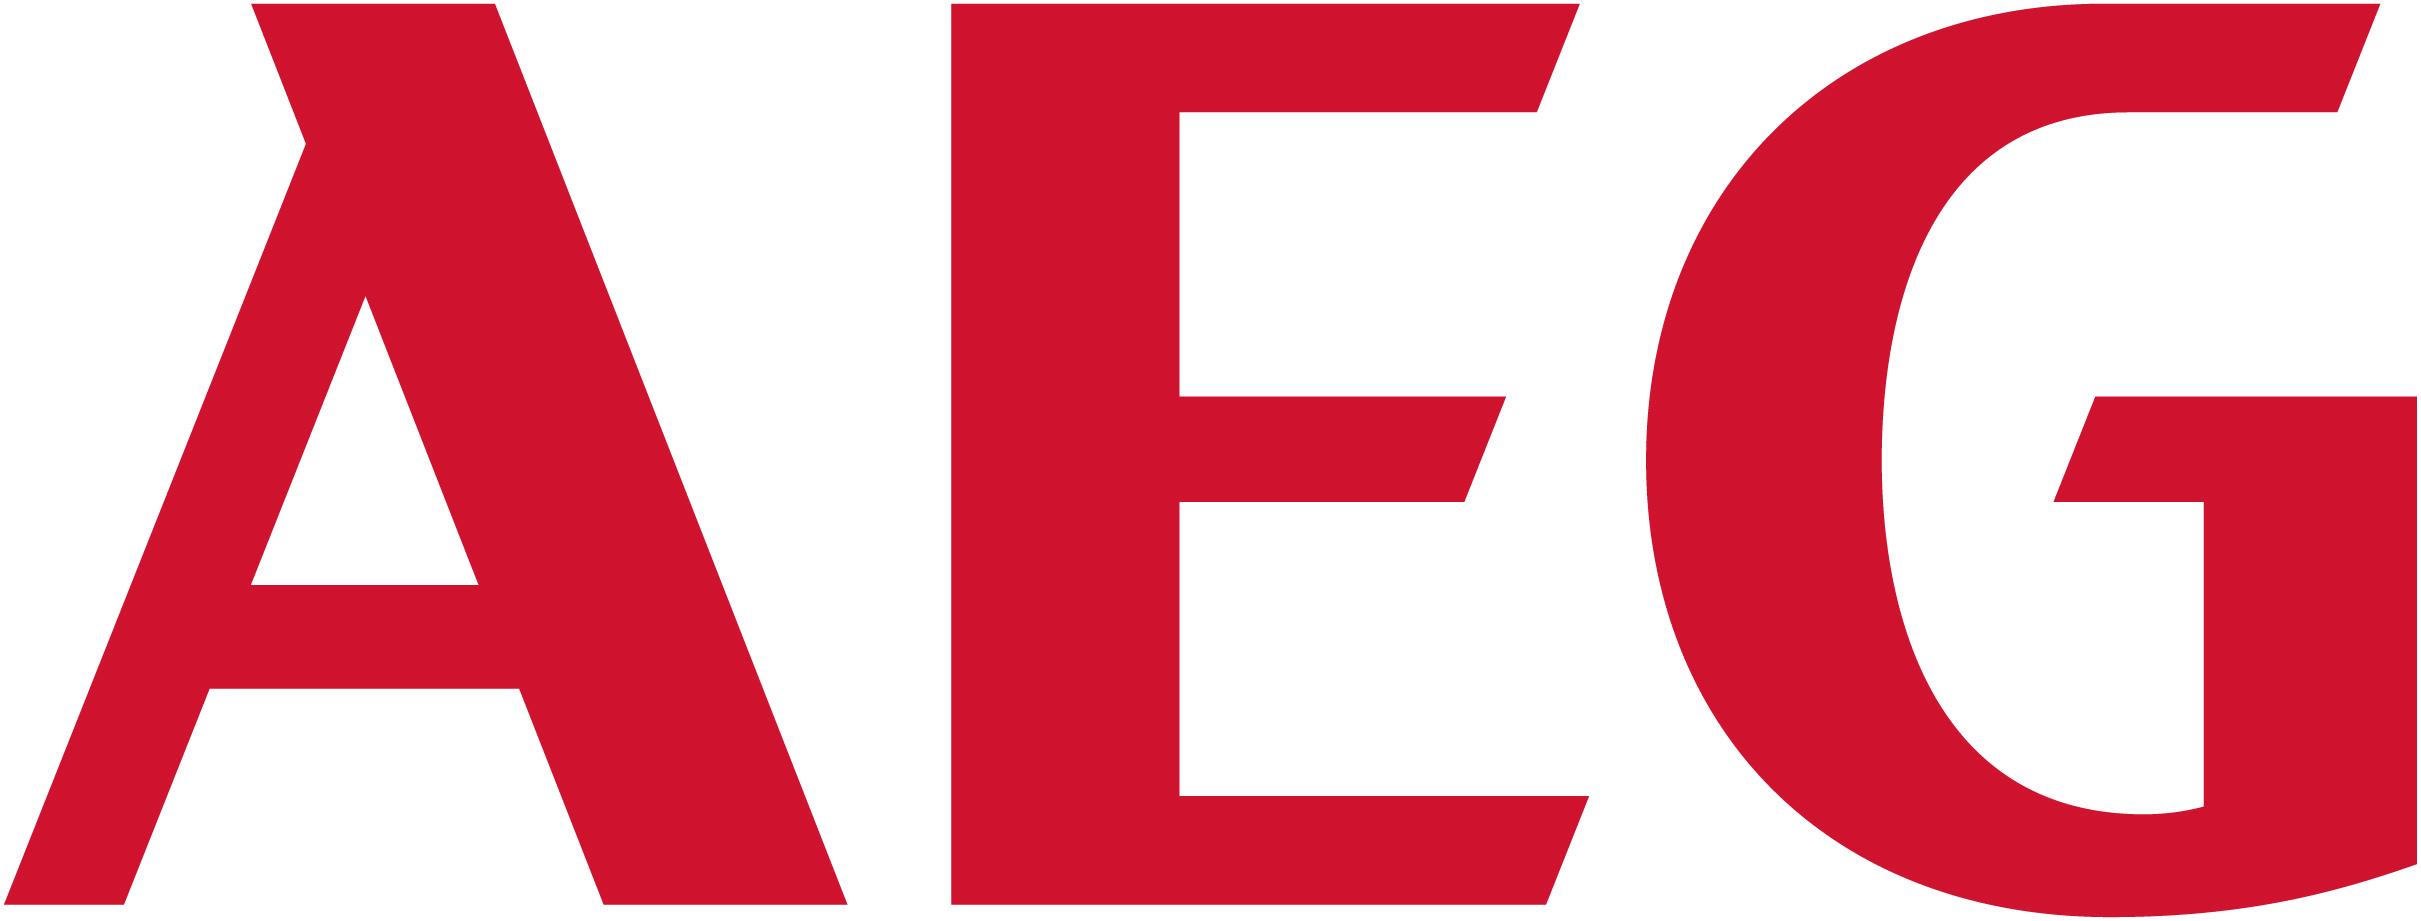 Aeg Logos